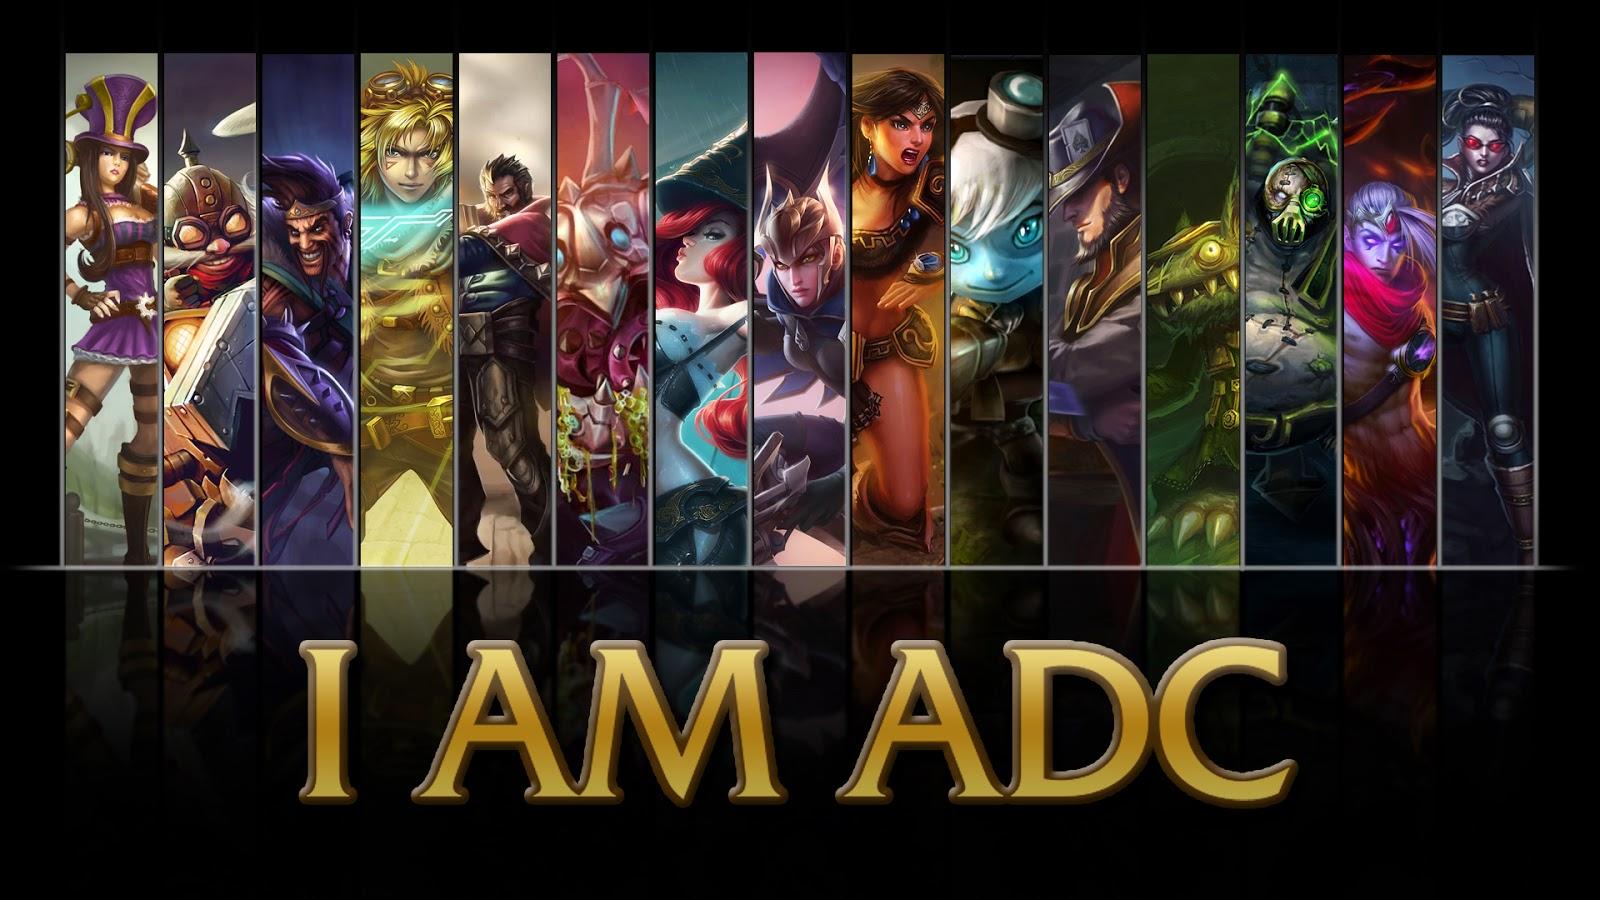 adc karakterler